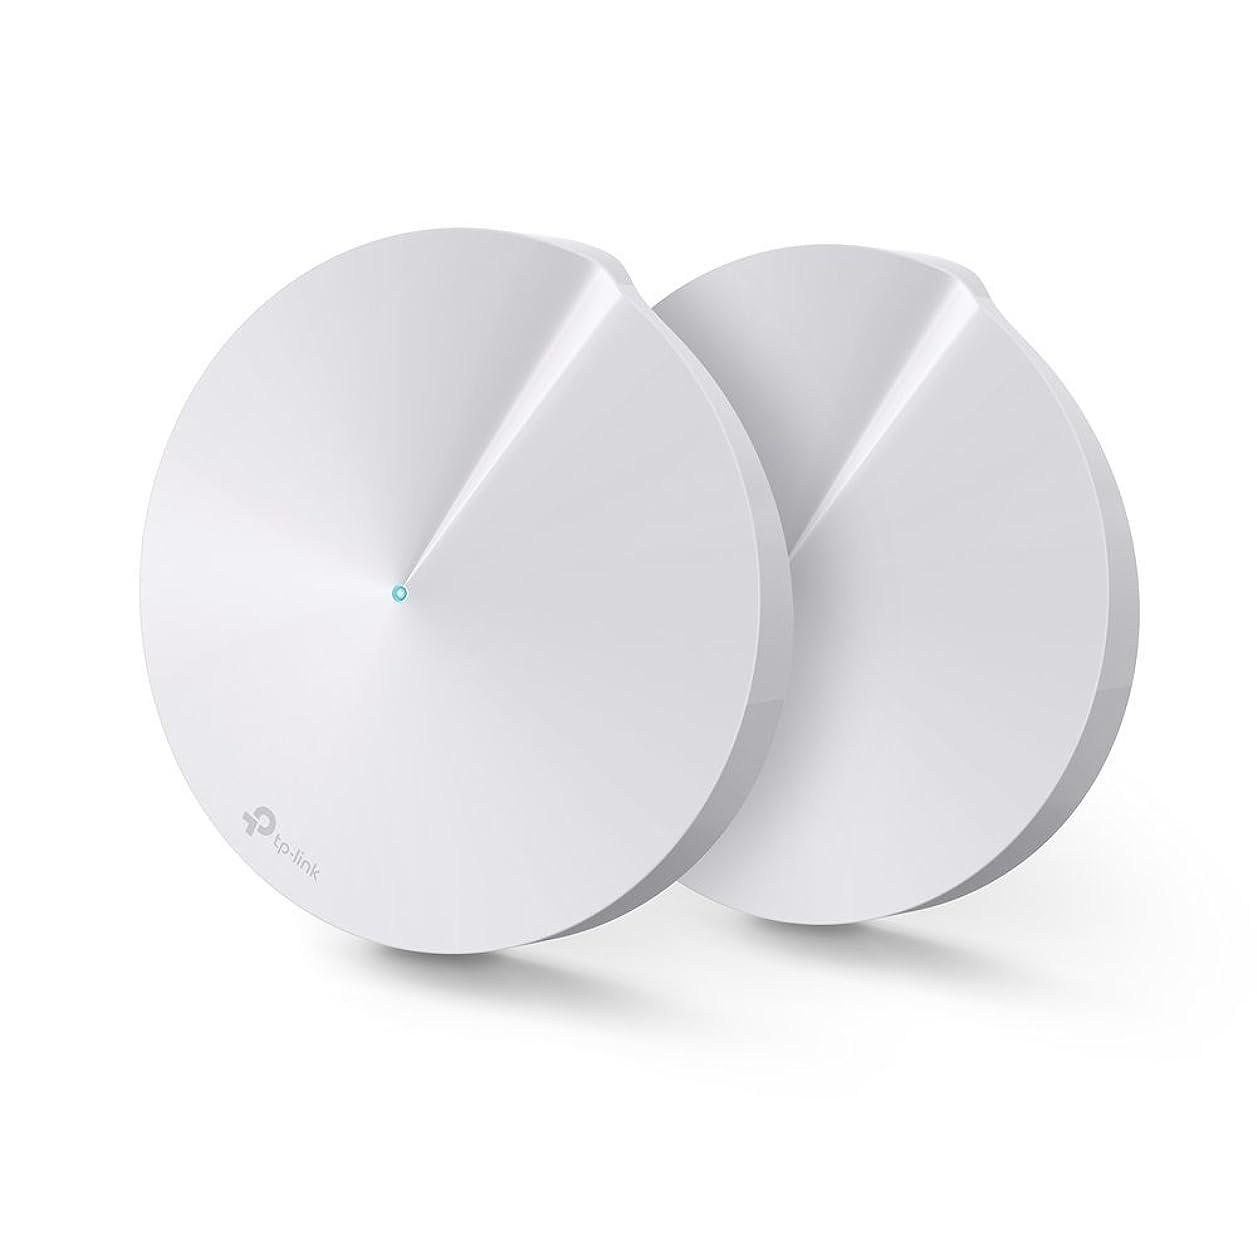 アラブ医薬是正【Amazon.co.jp限定】TP-Link WiFi 無線LAN ルーター トレンドマイクロ セキュリティ デュアルバンド AC1300 3年間無料 2ユニットセット メッシュ Wi-Fi システム Deco M5【Amazon Alexa対応製品】